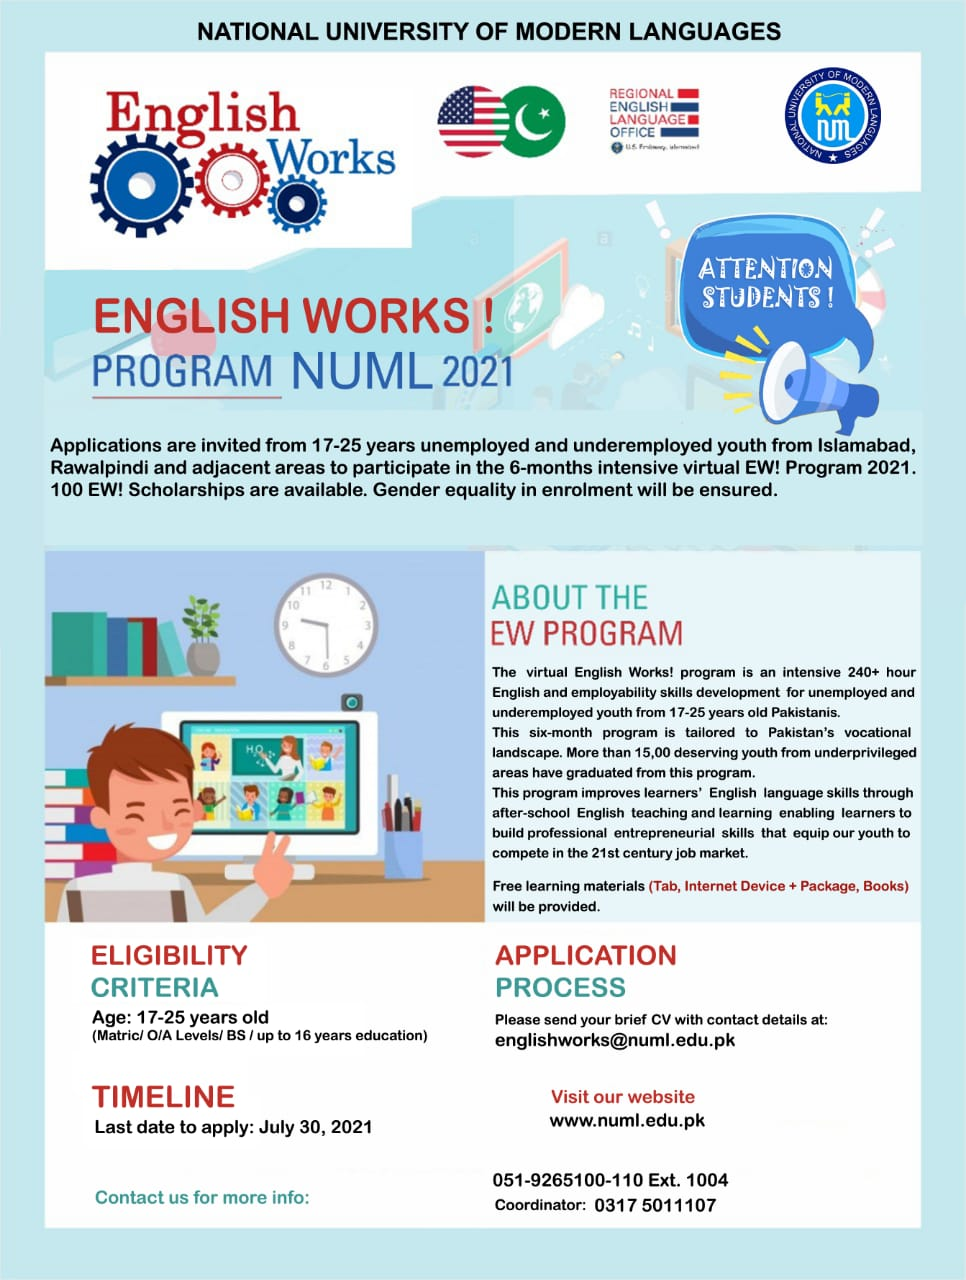 English Works Program NUML 2021